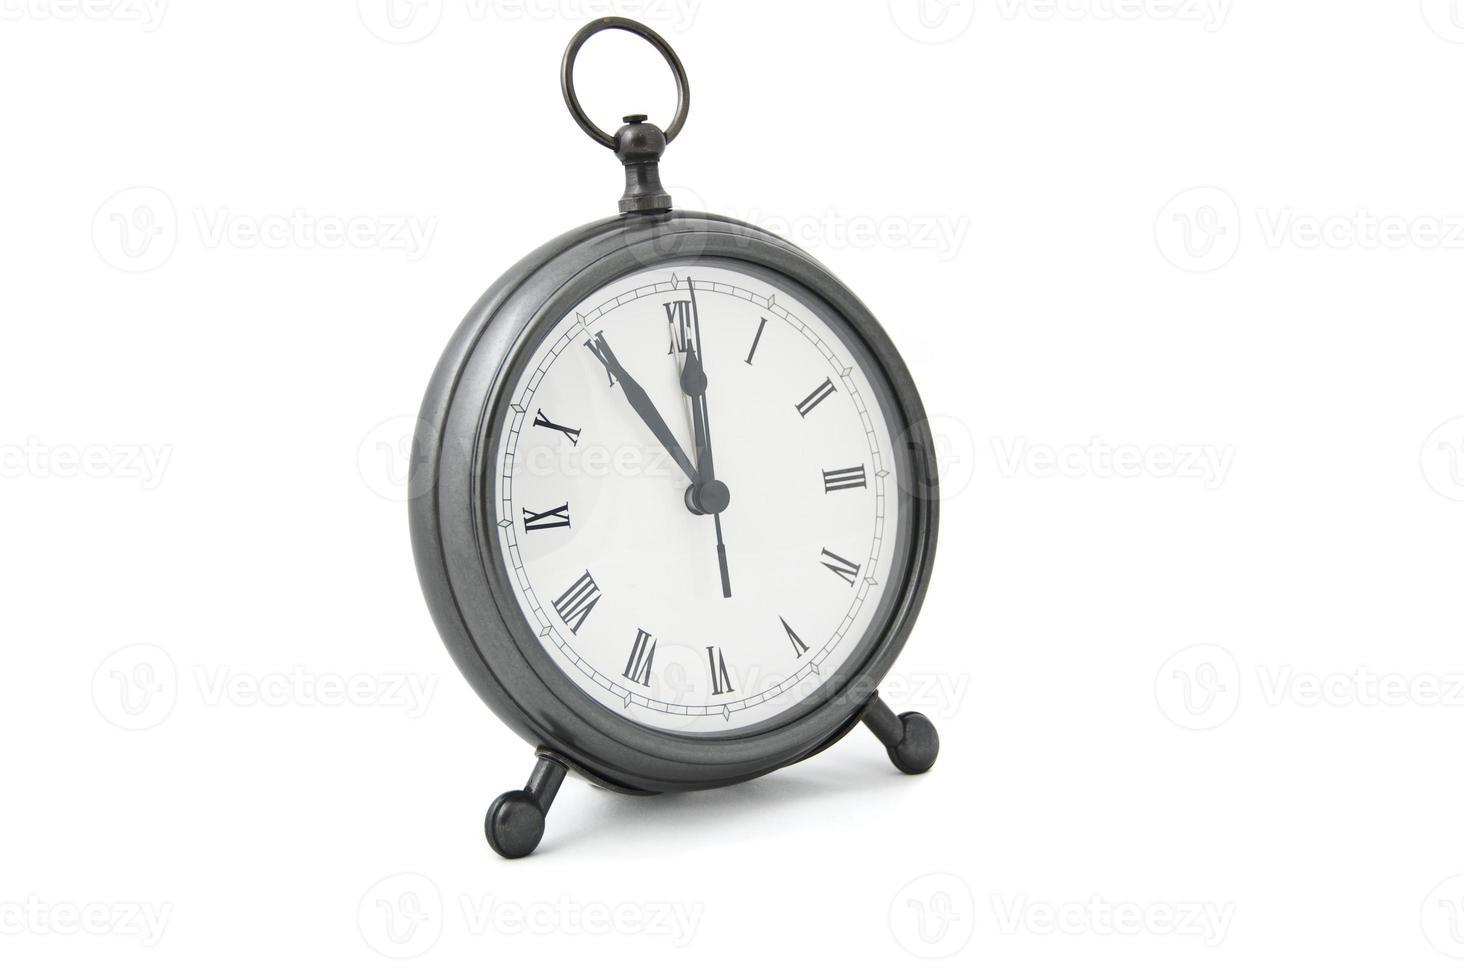 Antique Alarm Clock photo